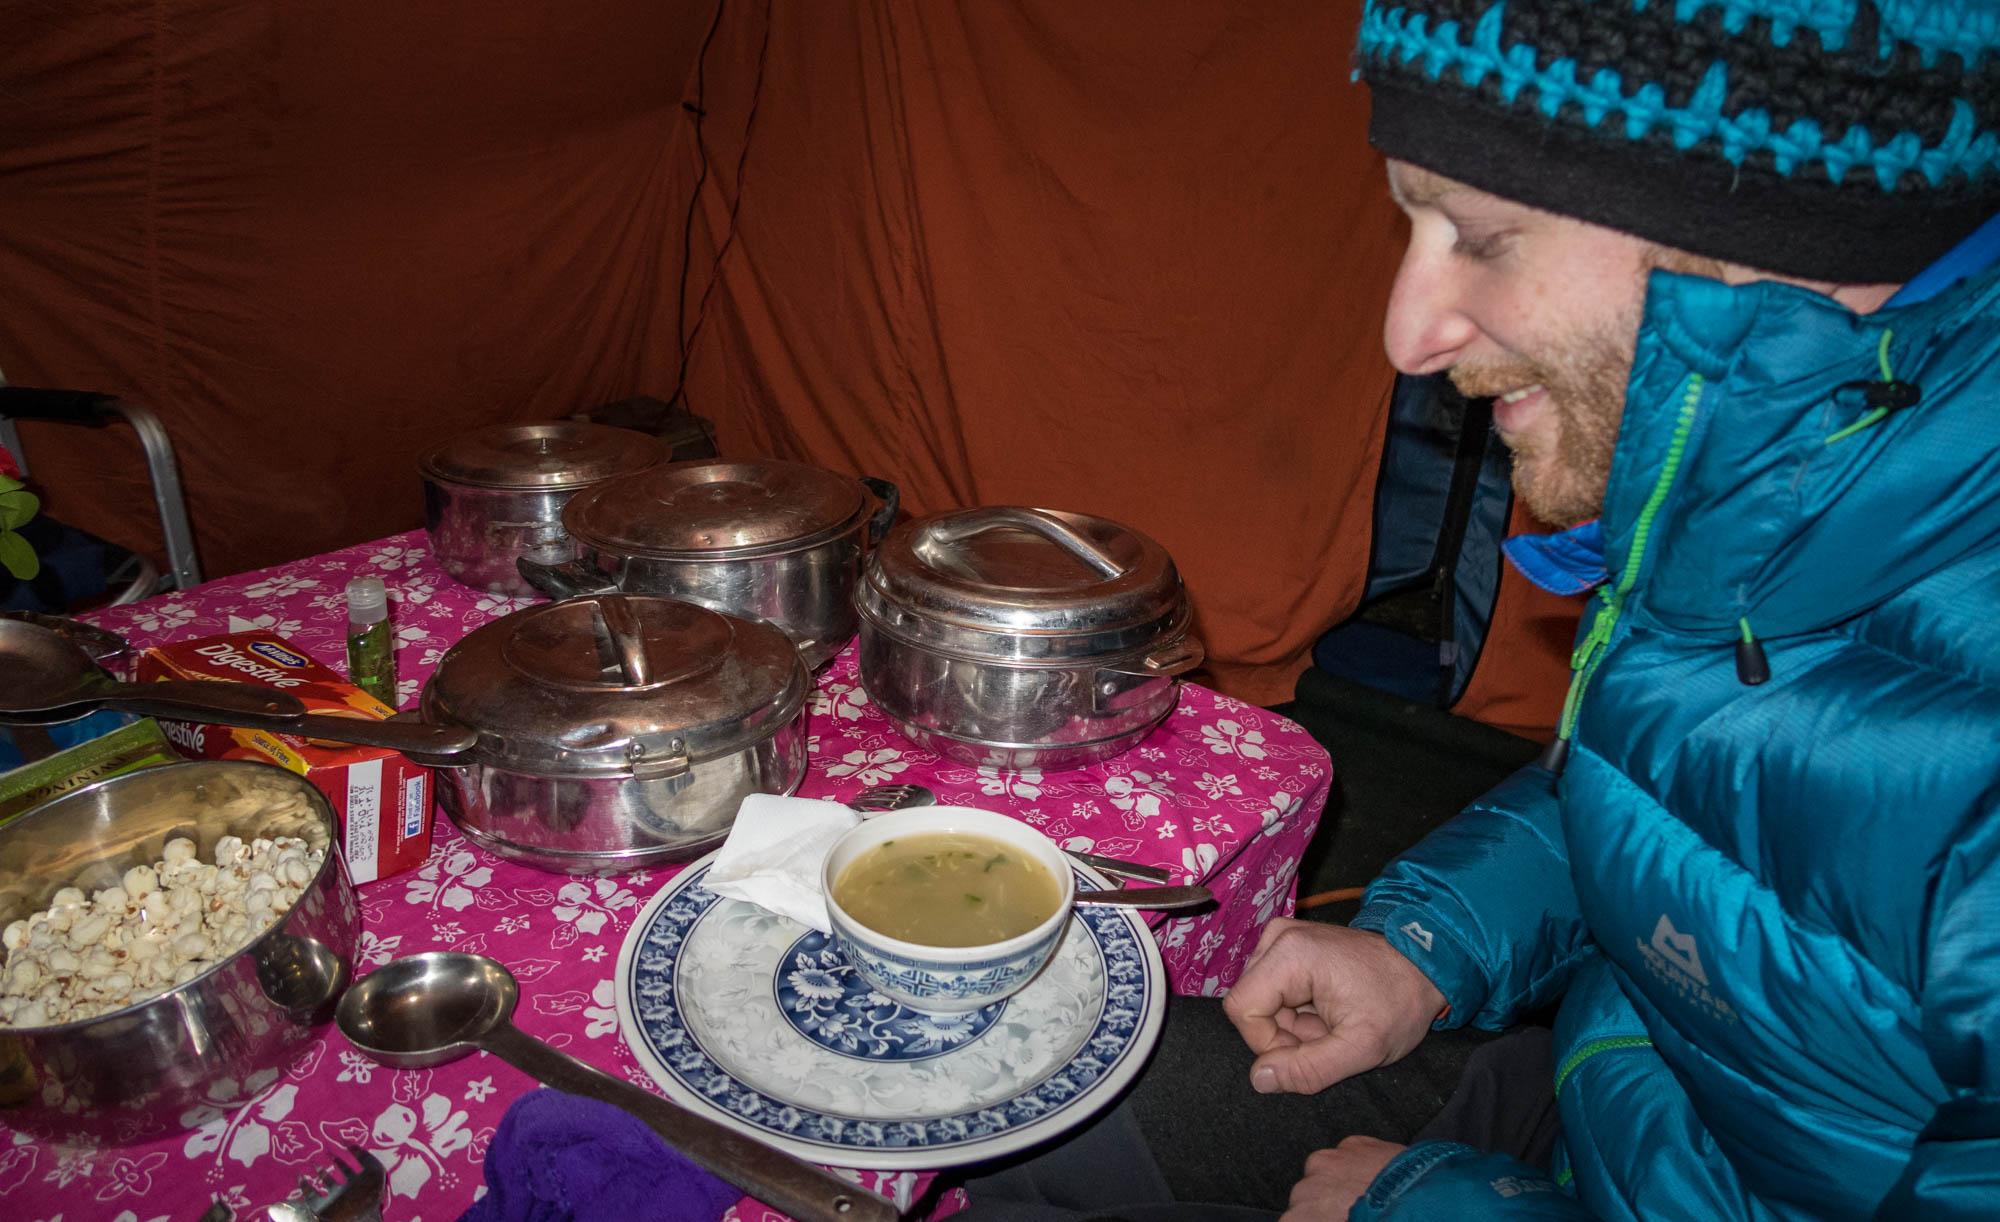 Suppen, Dal Bhat, Popcorn... Was die Köche da alles zaubern!